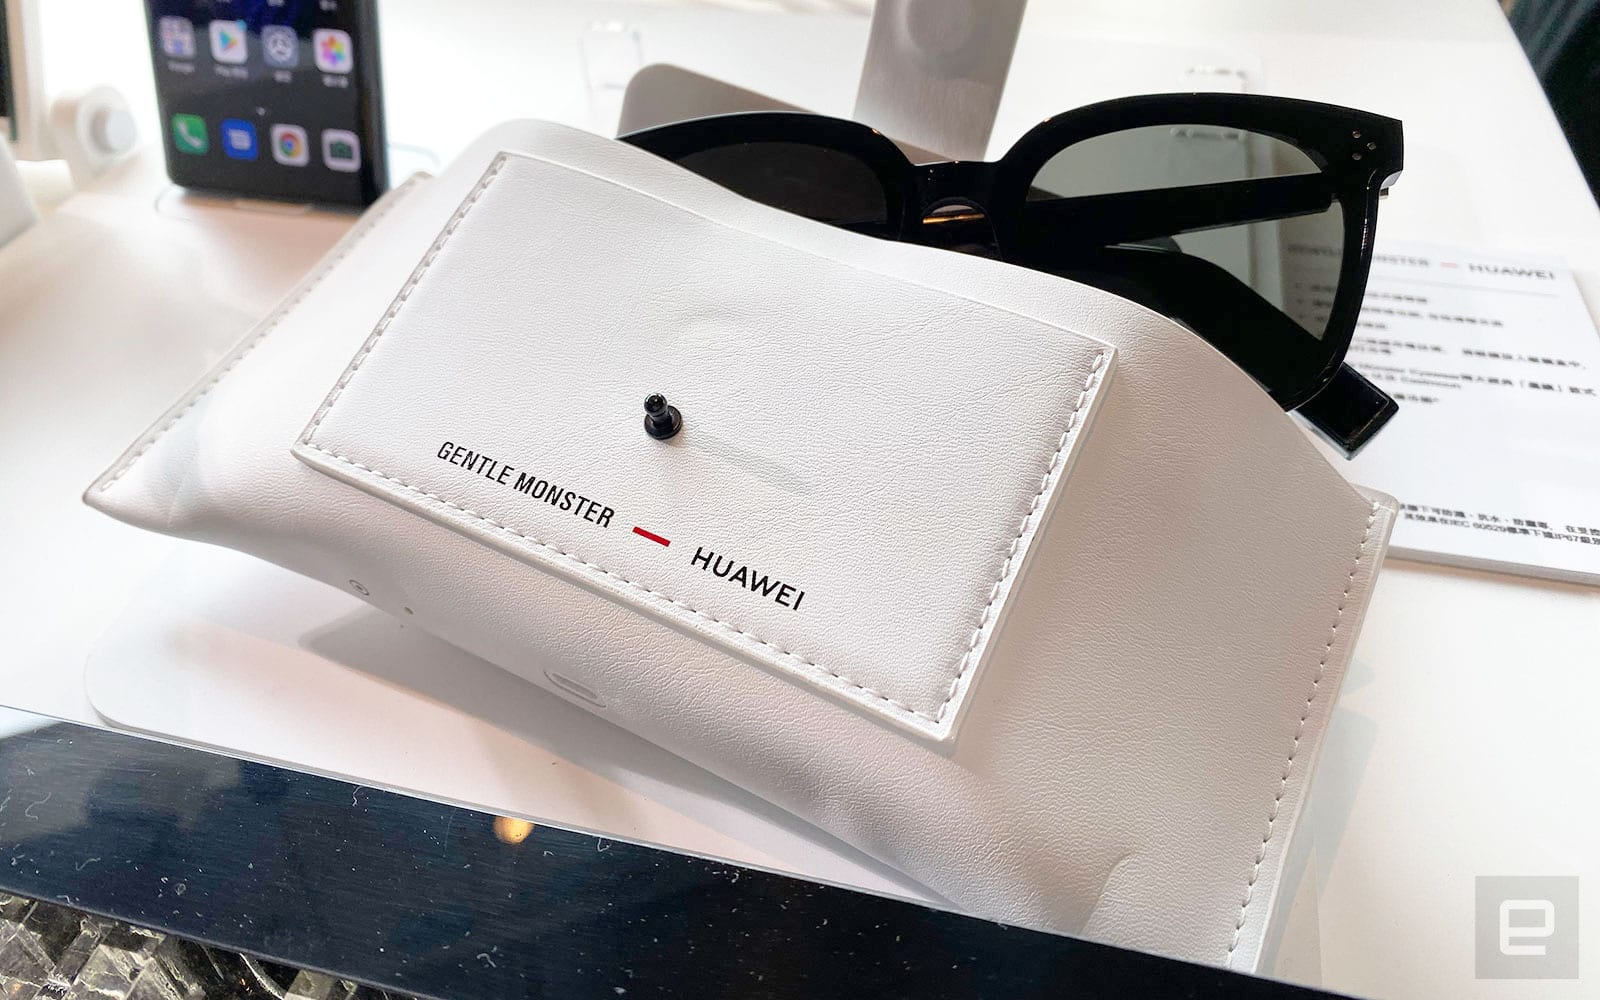 Huawei x Gentle Monster Eyewear 香港動手玩